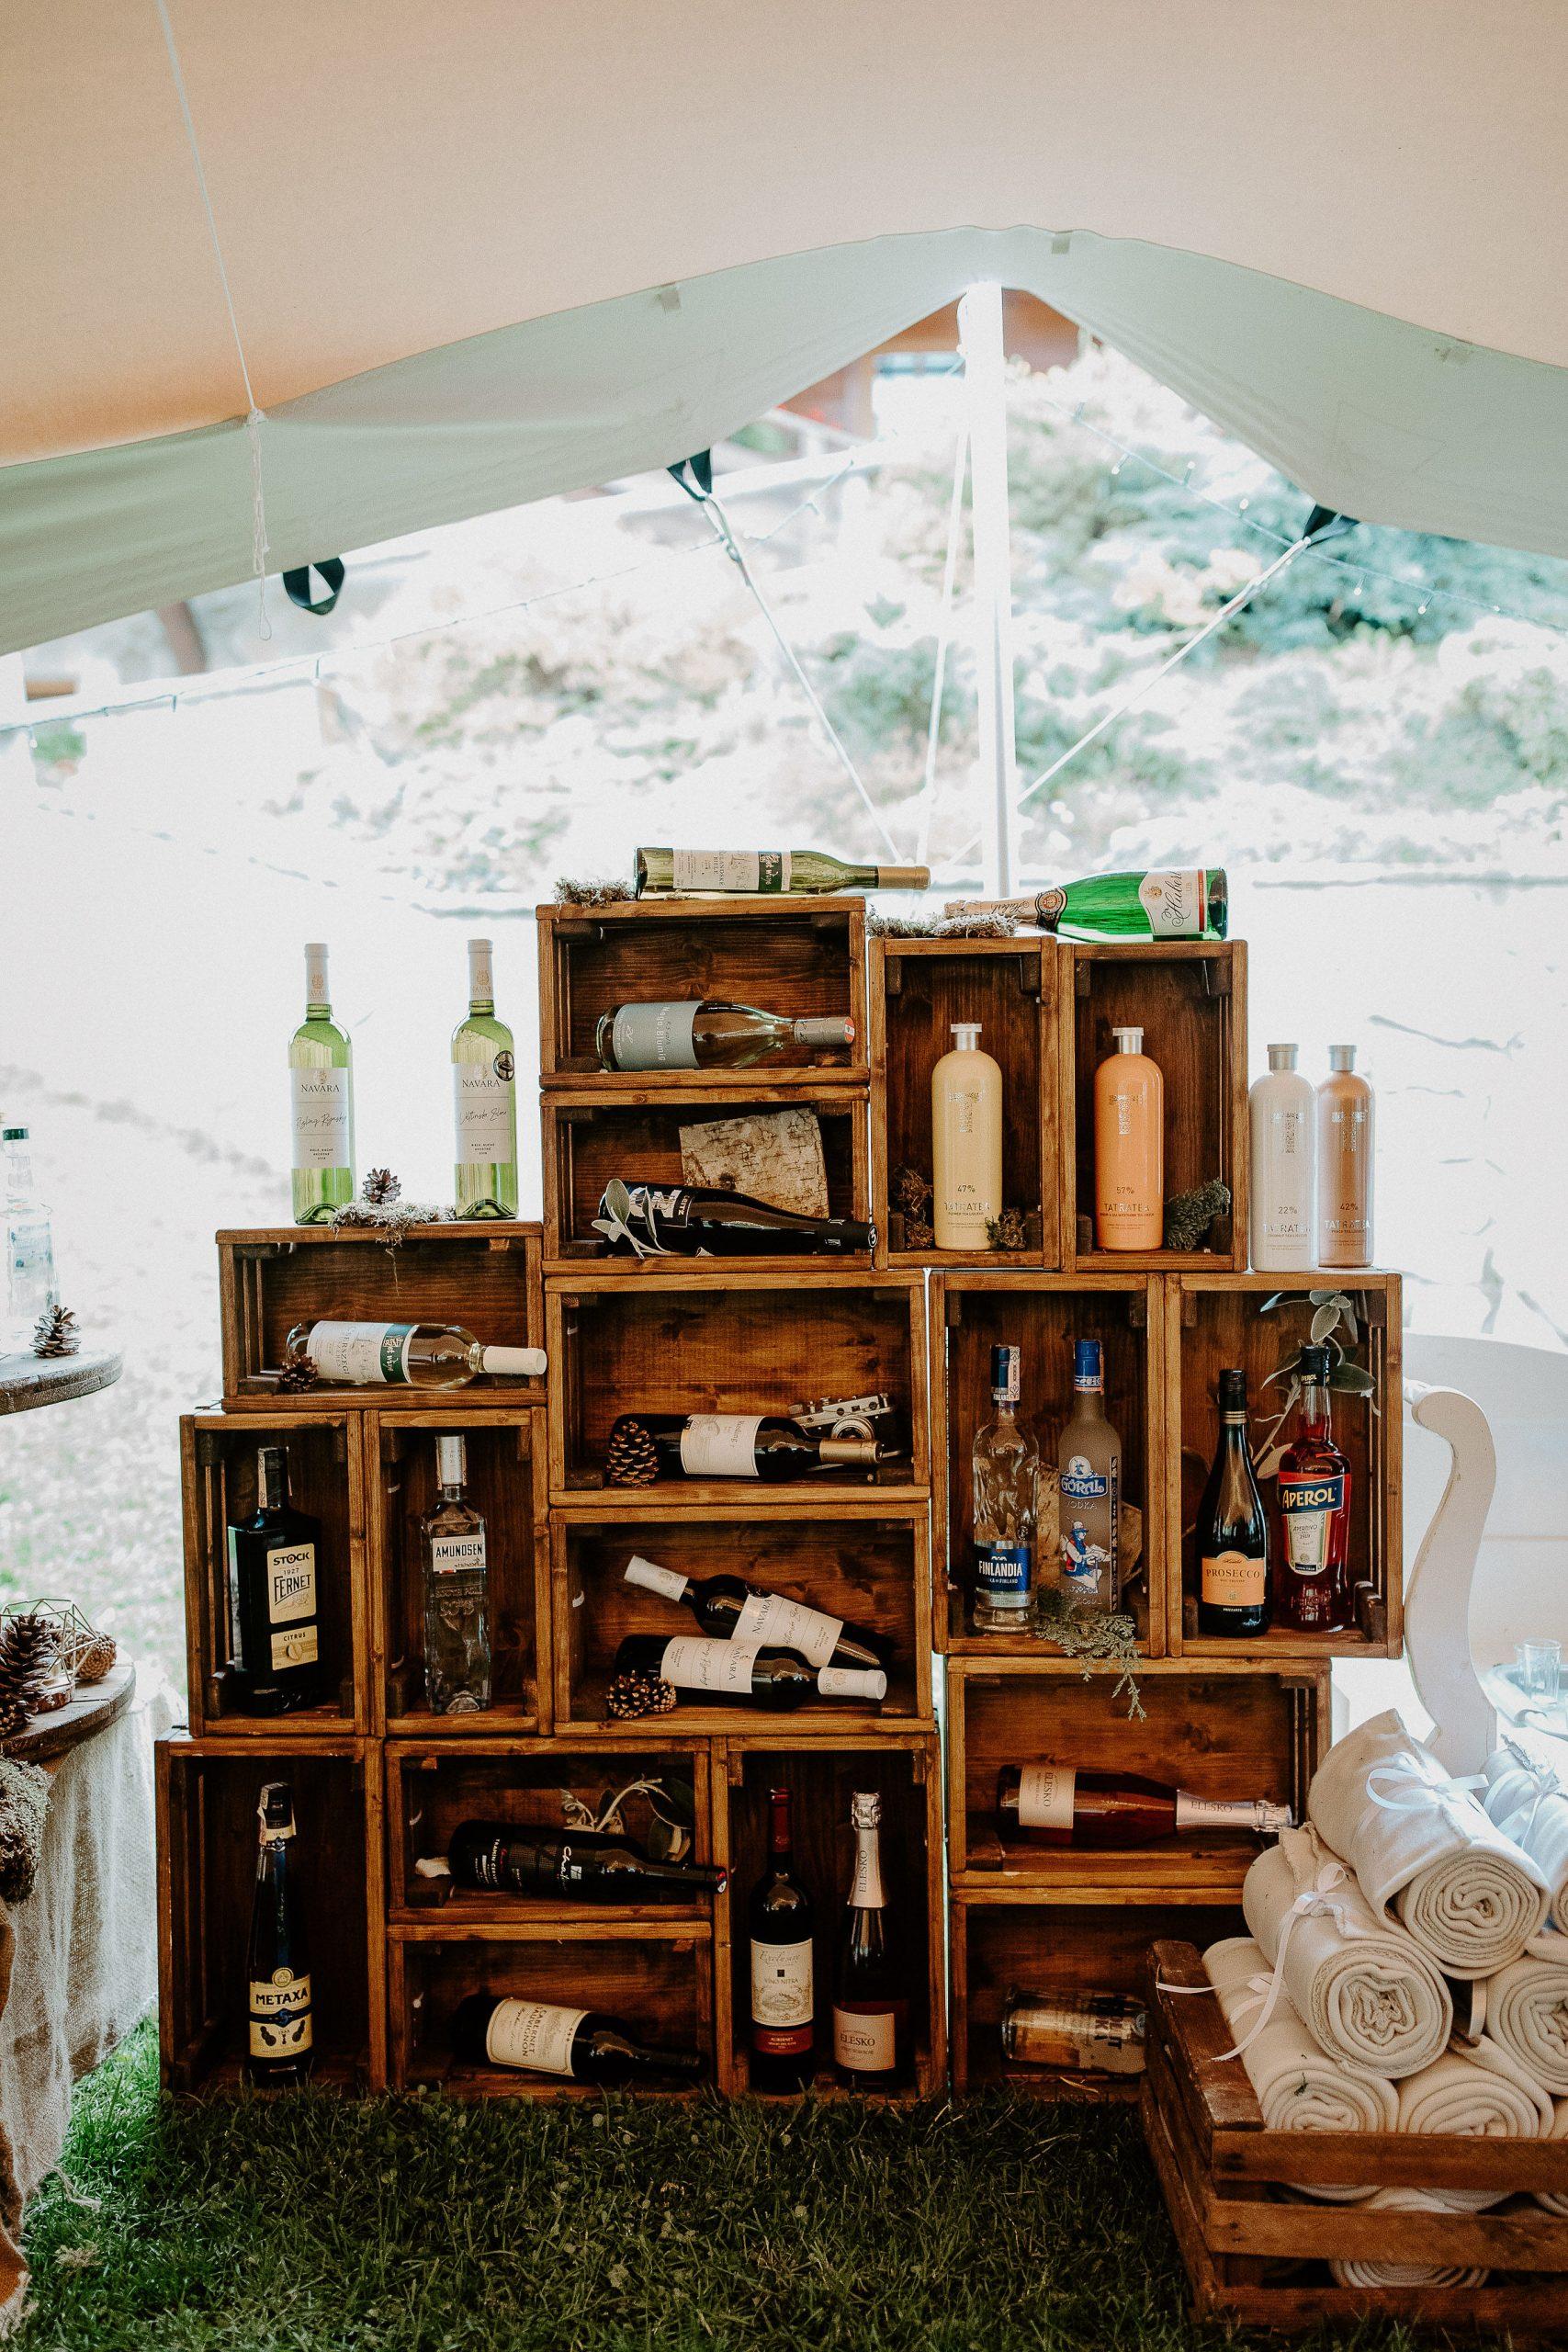 Susan&Sis decor - svadobná výzdoba a dekorácie svadieb a eventov - pánsky alkoholový kútik